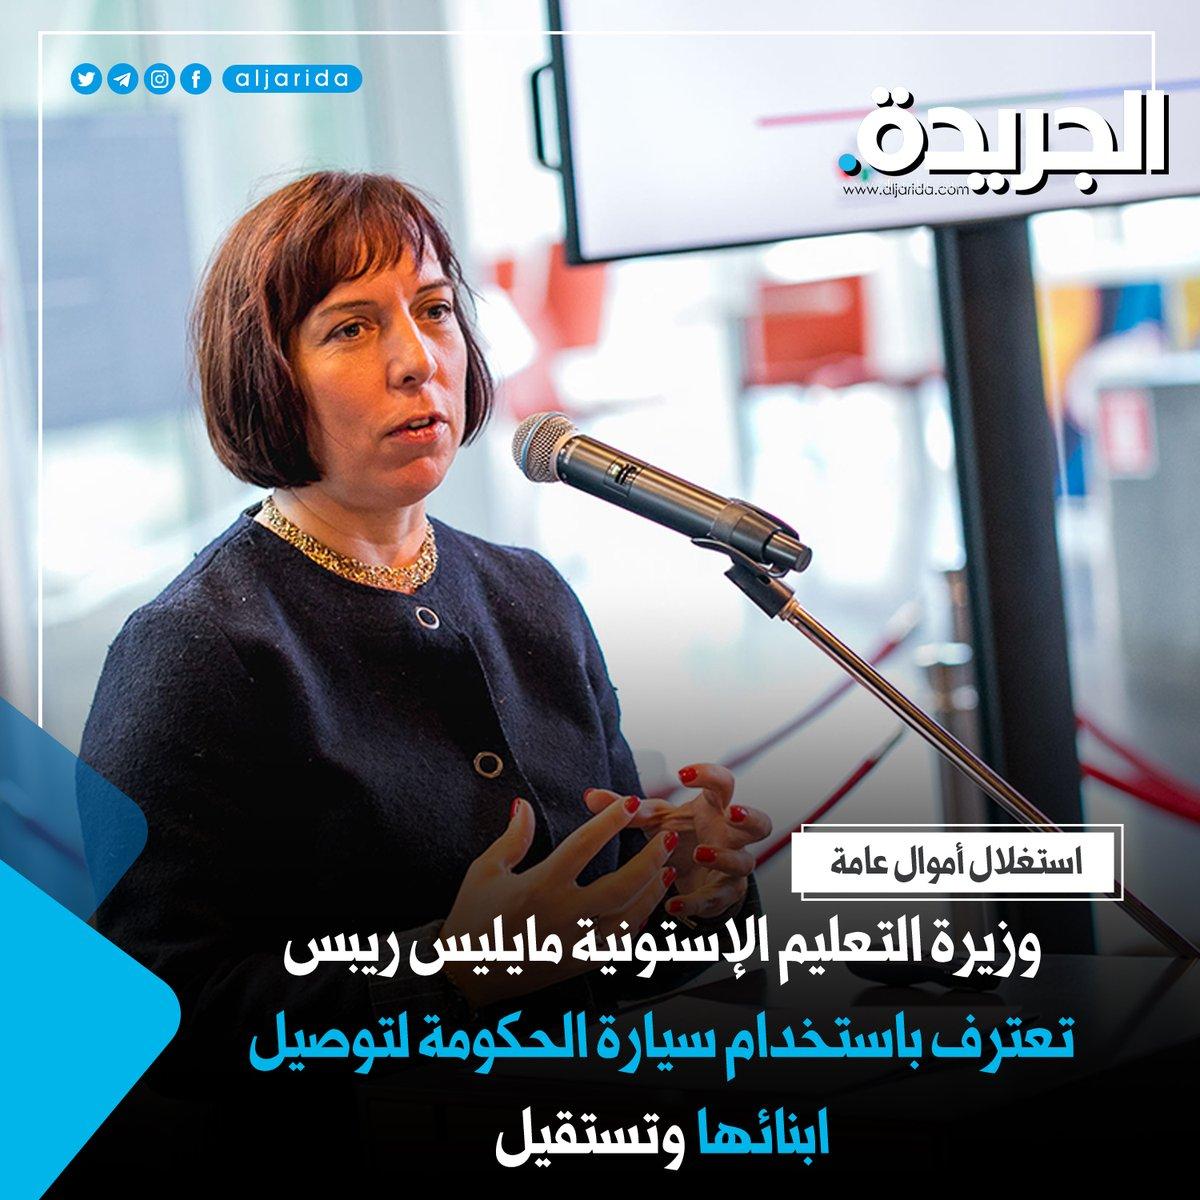 وزيرة التعليم الإستونية تعترف باستخدام سيارة الحكومة لتوصيل ابنائها وتستقيل jrd.ai/o84ml